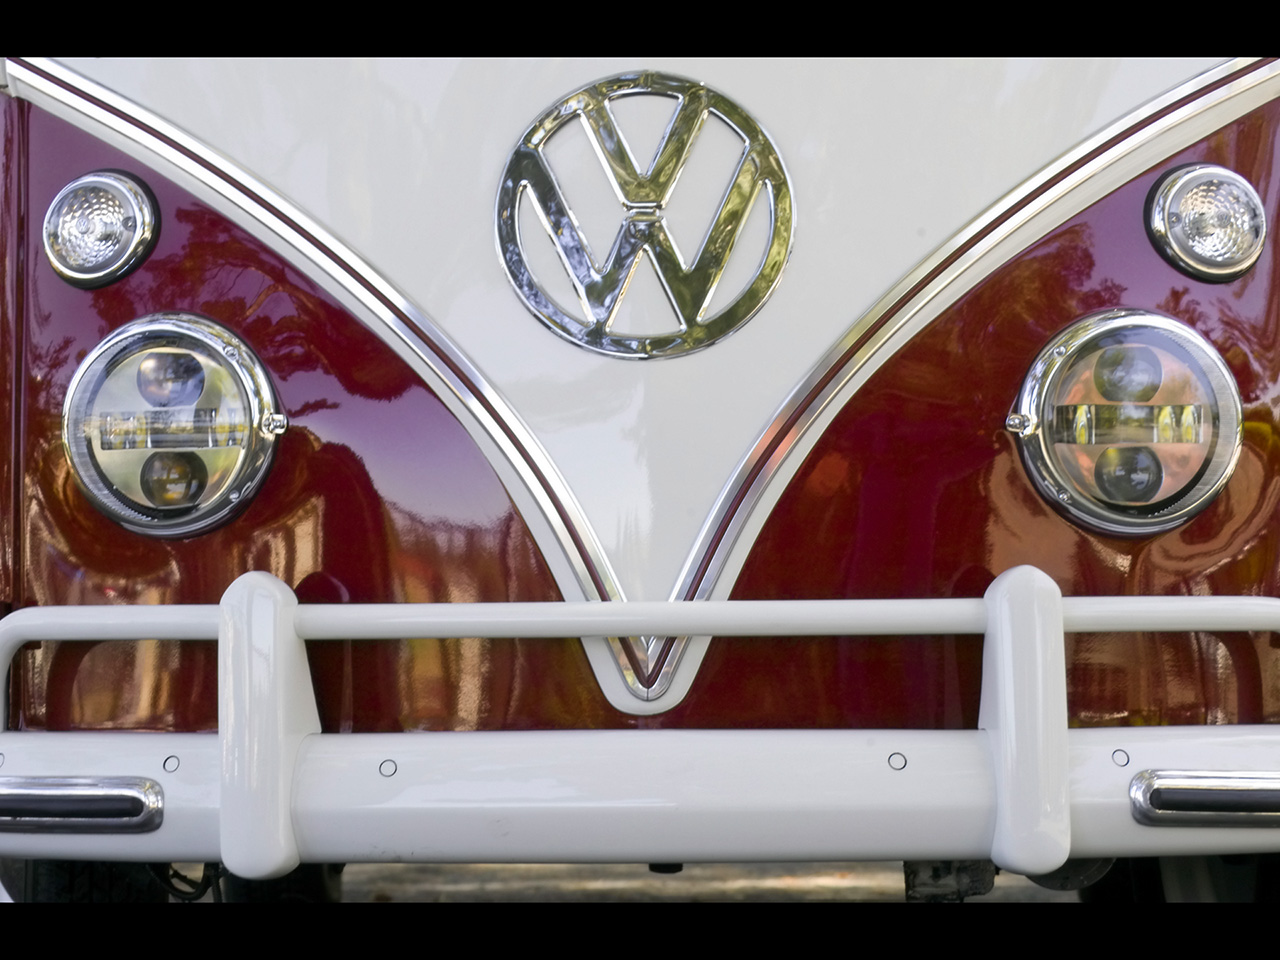 1954 Volkswagen Kombi Model 211 Microbus Desktop Wallpaper ...